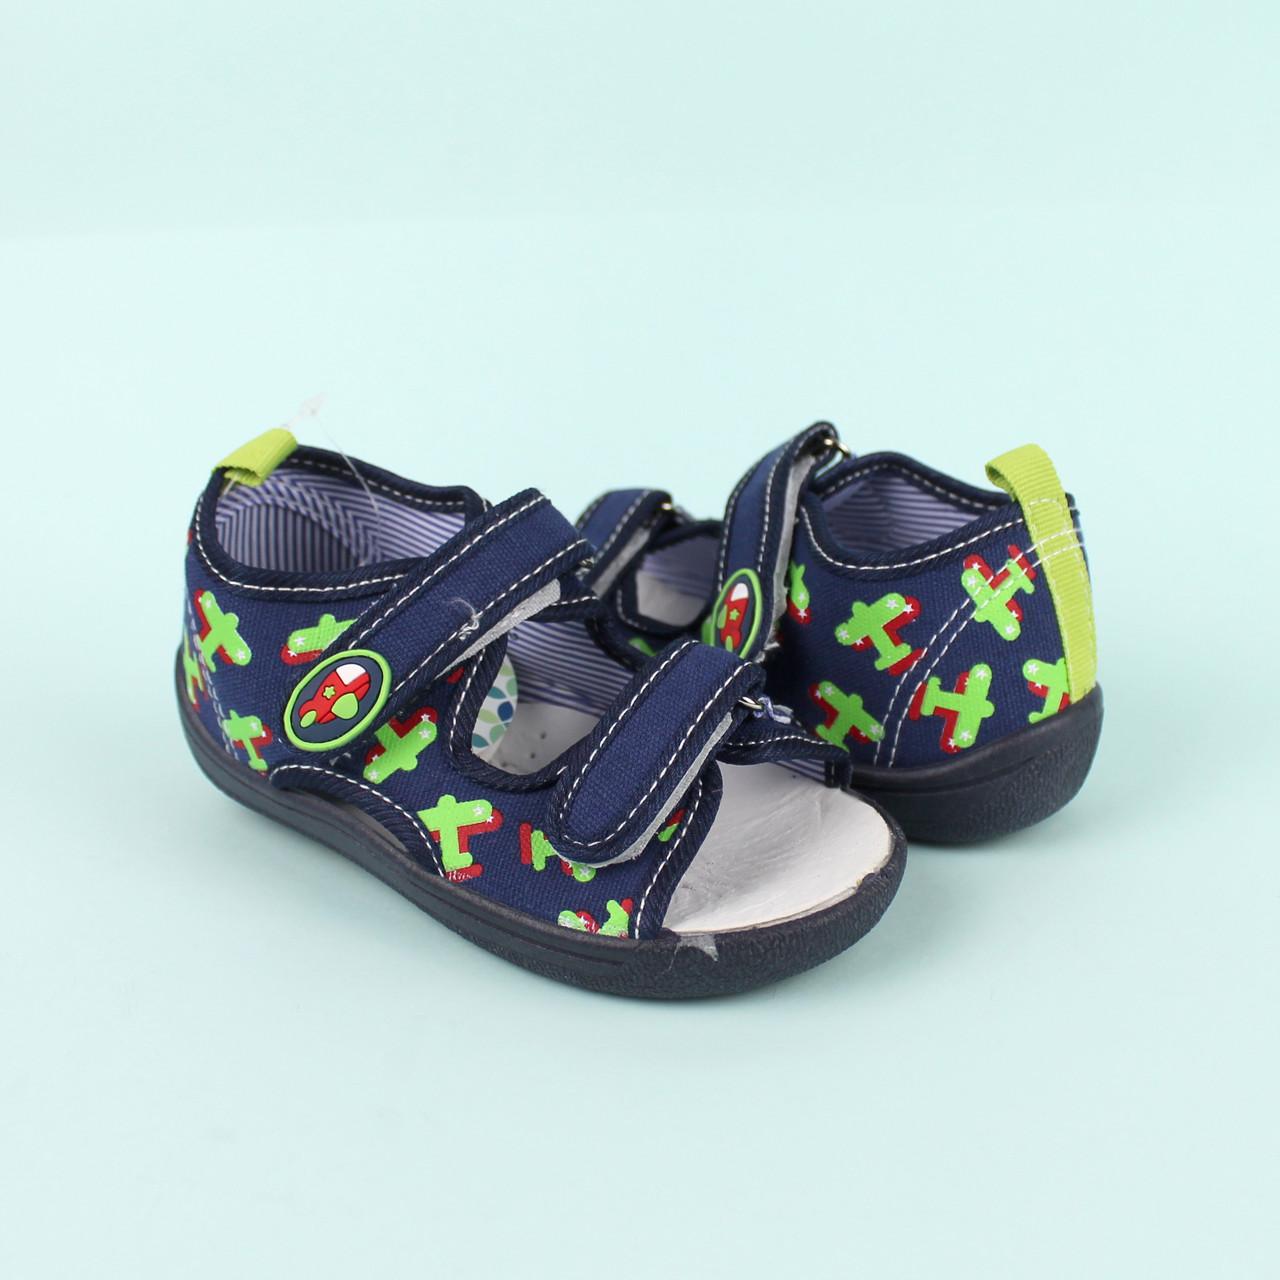 Детские текстильные сандалии для мальчика тм Том.м размер 21,22,23,24,25,26